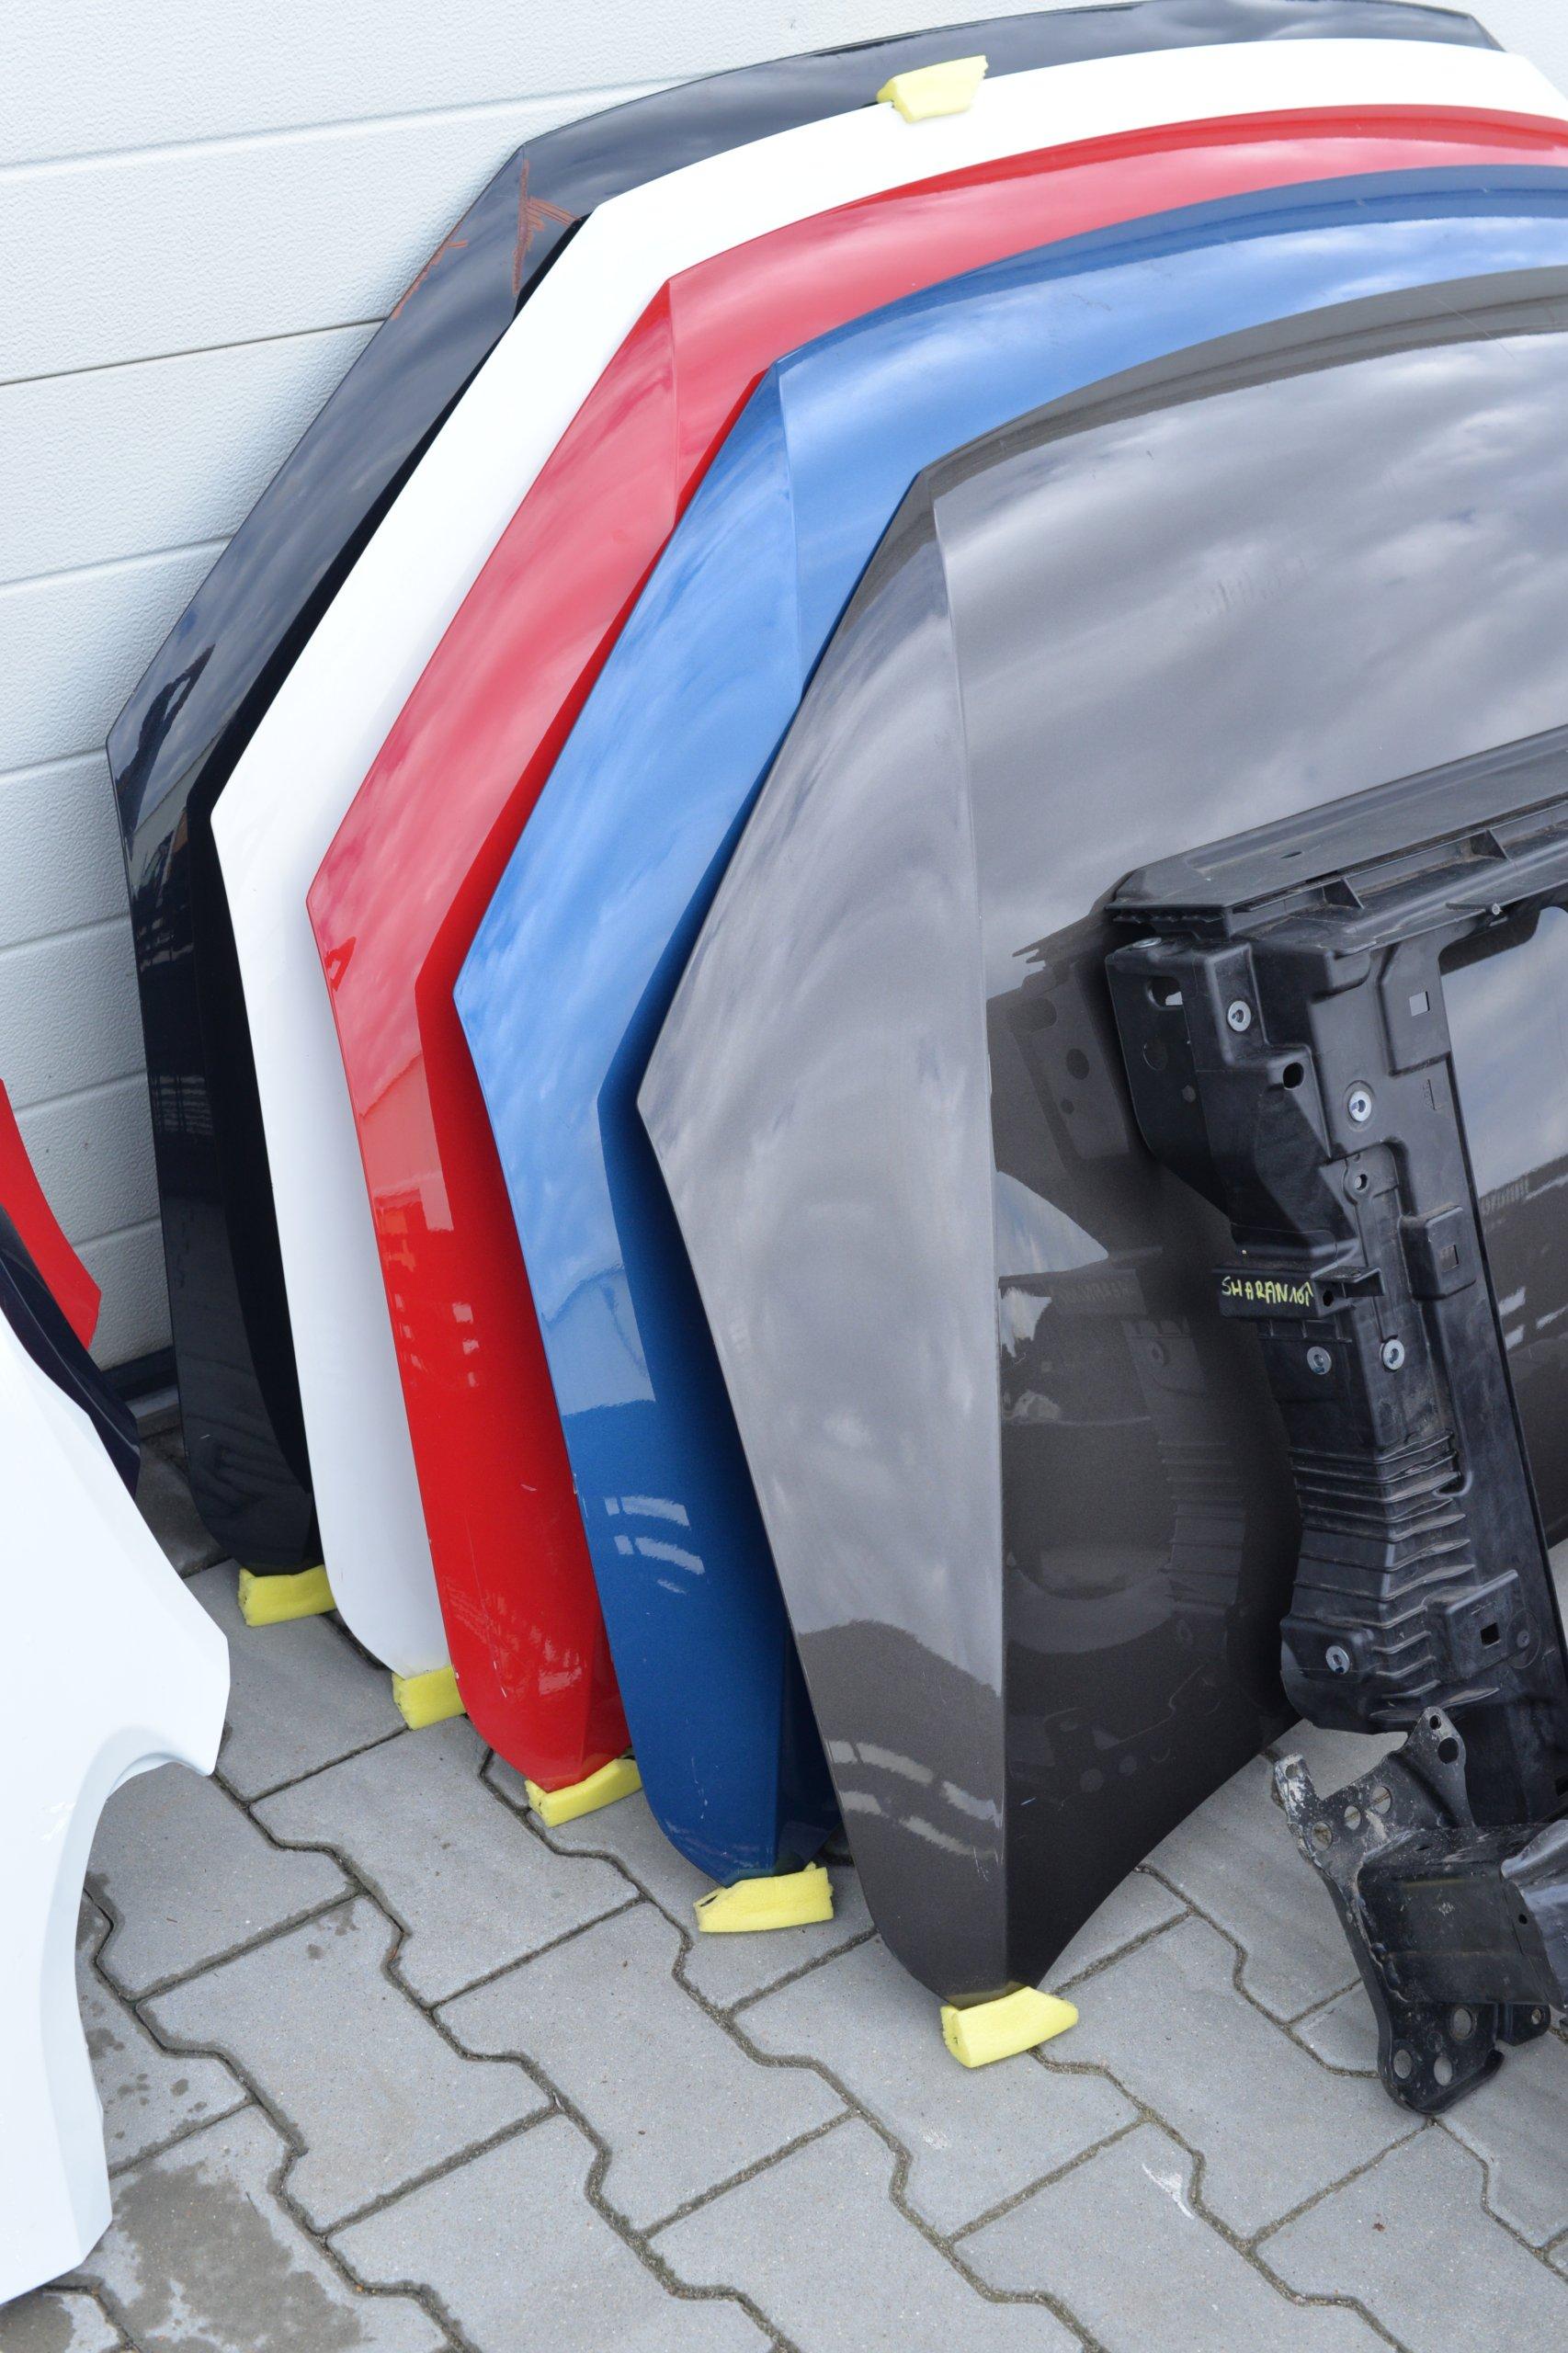 [КАПОТ ZDERZAK КРЫЛО REFLEKTOR SEAT ALHAMBRA 10- из Польши]изображение 9